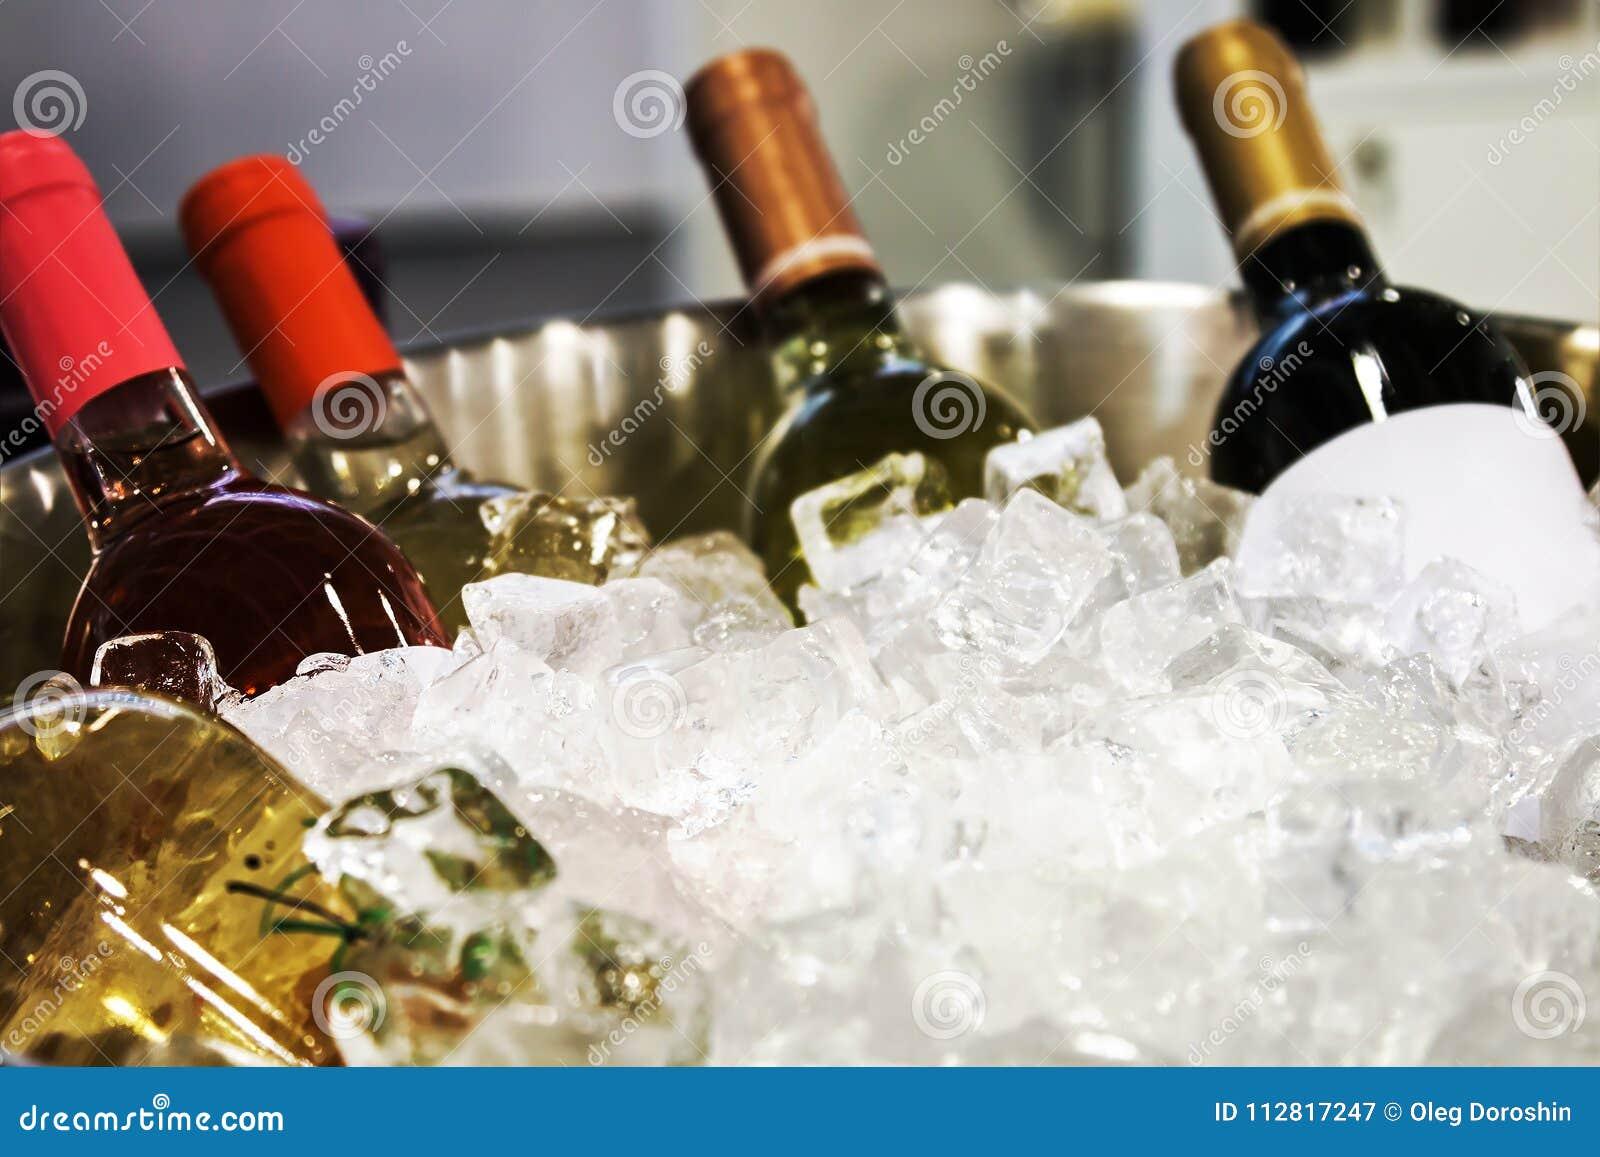 Bouteilles de vin dans la glace à l échantillon